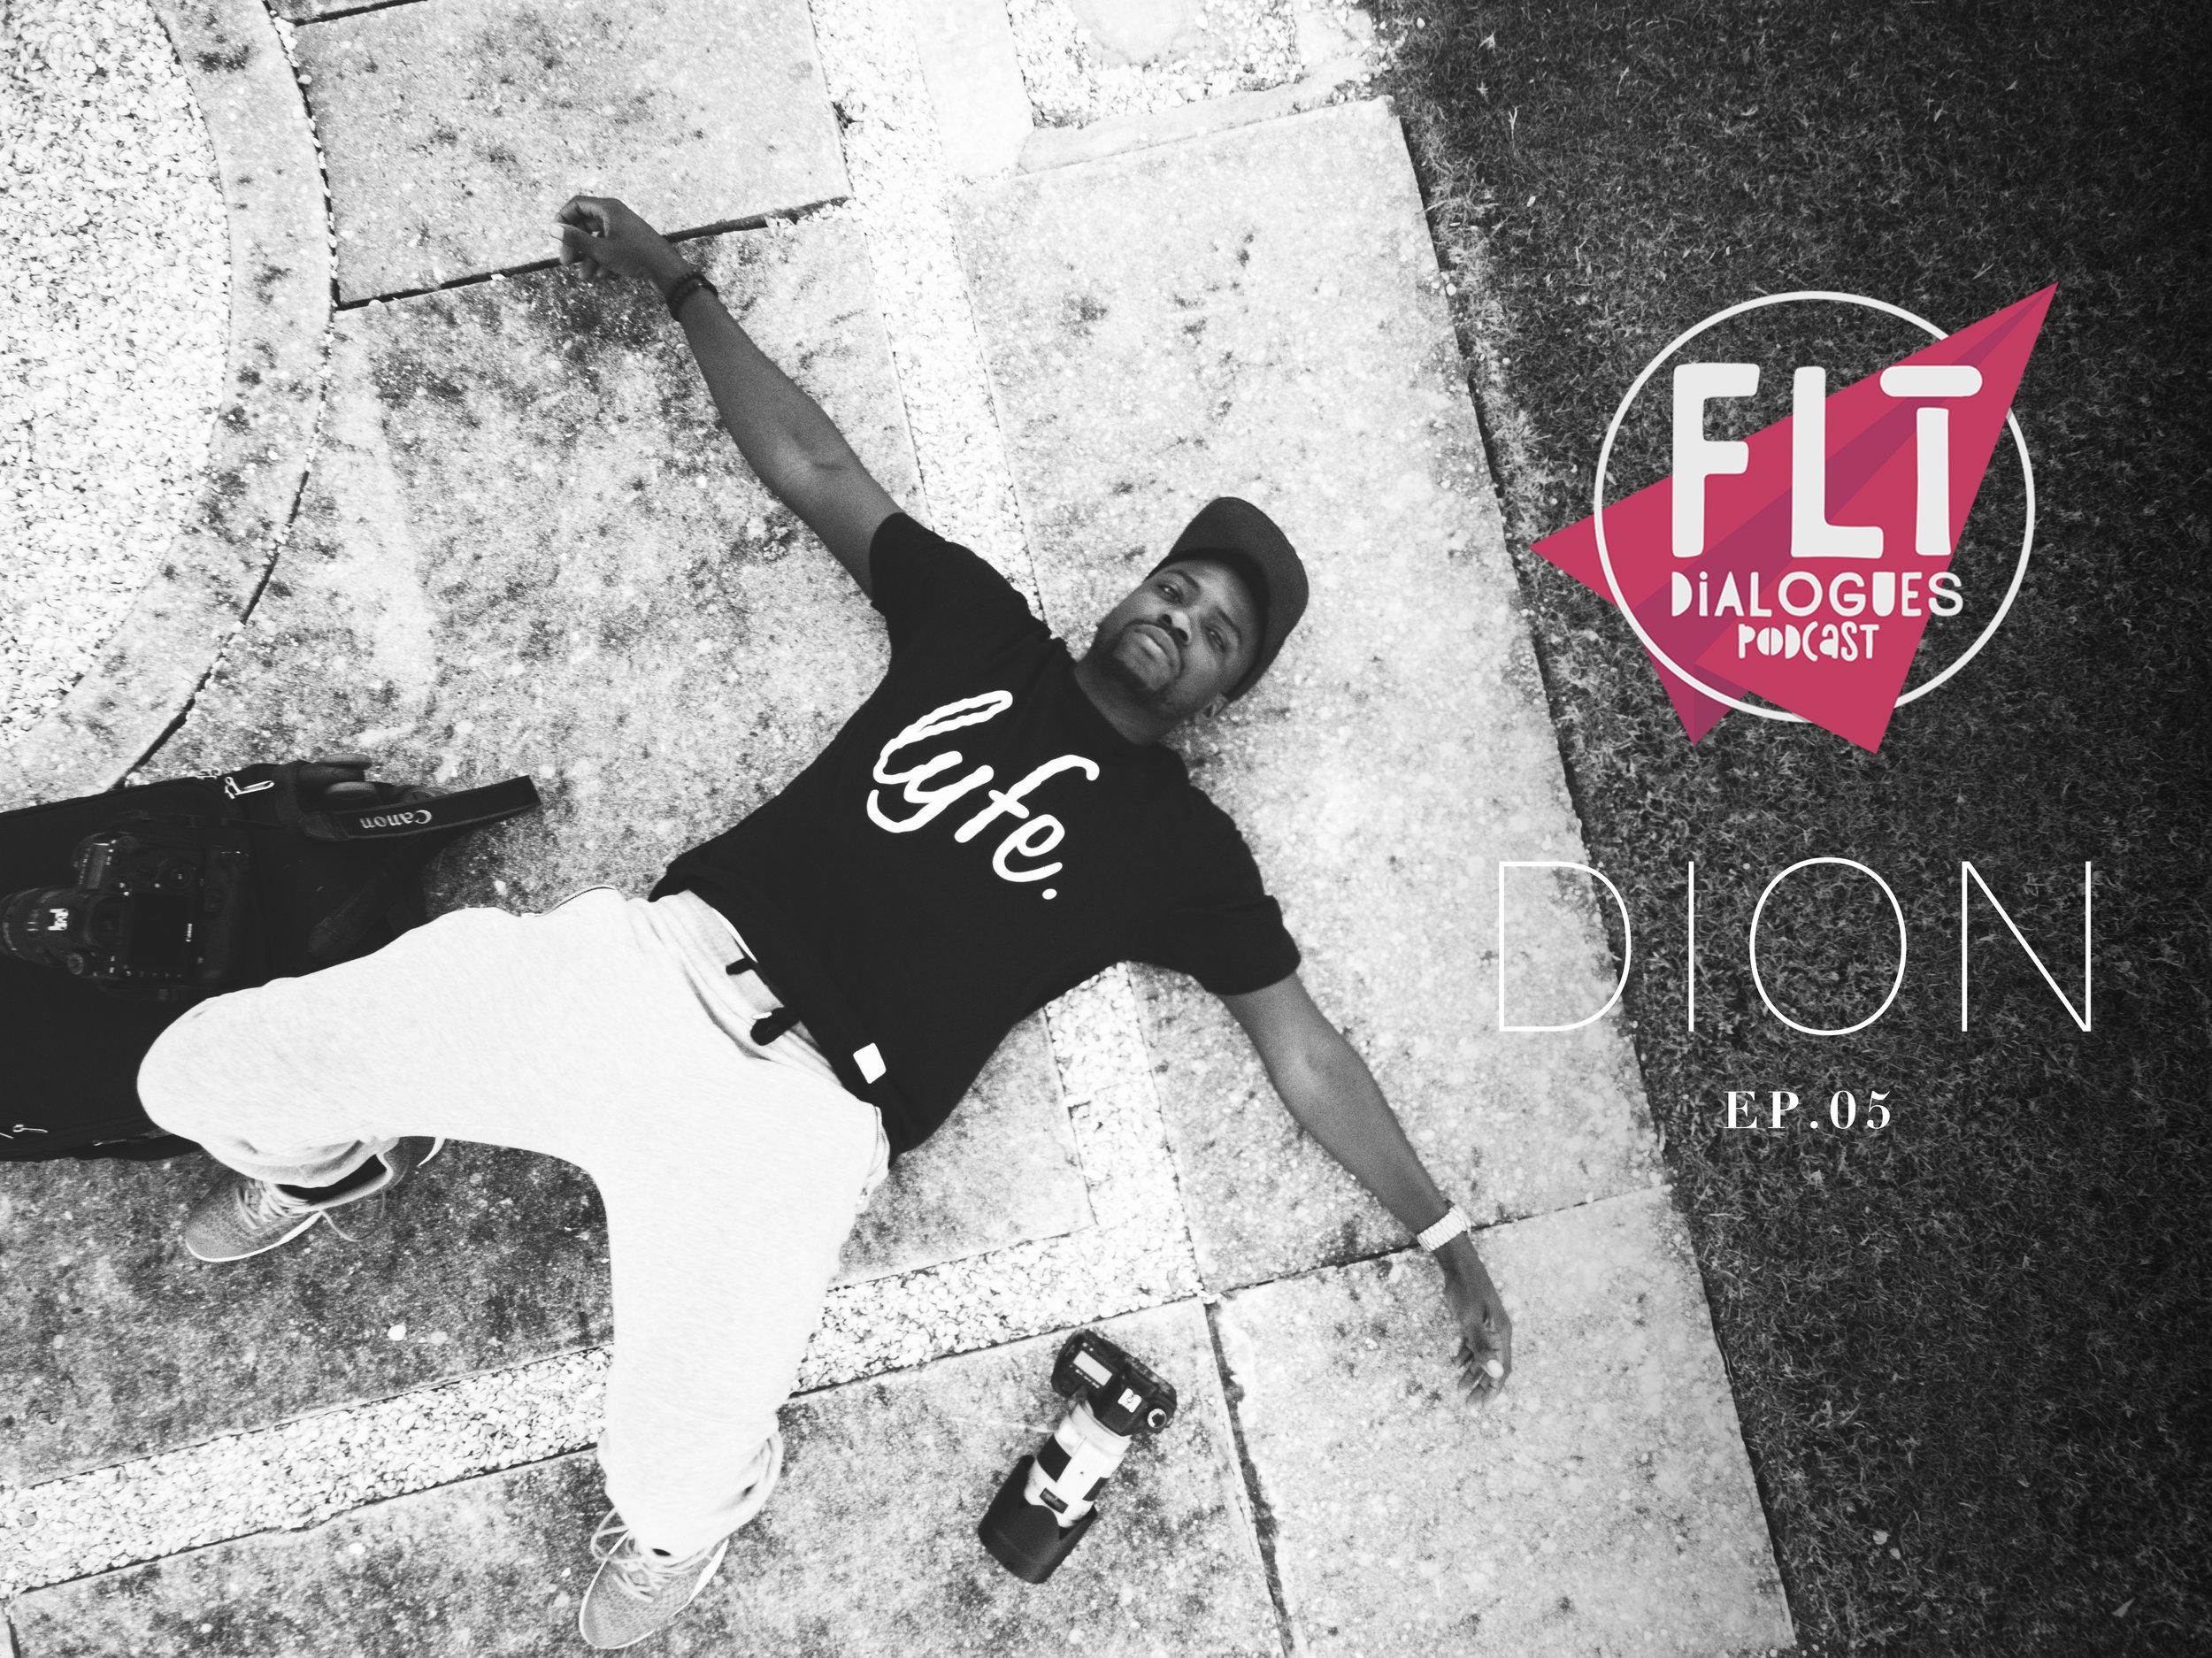 Dion Fli Promo1.jpg